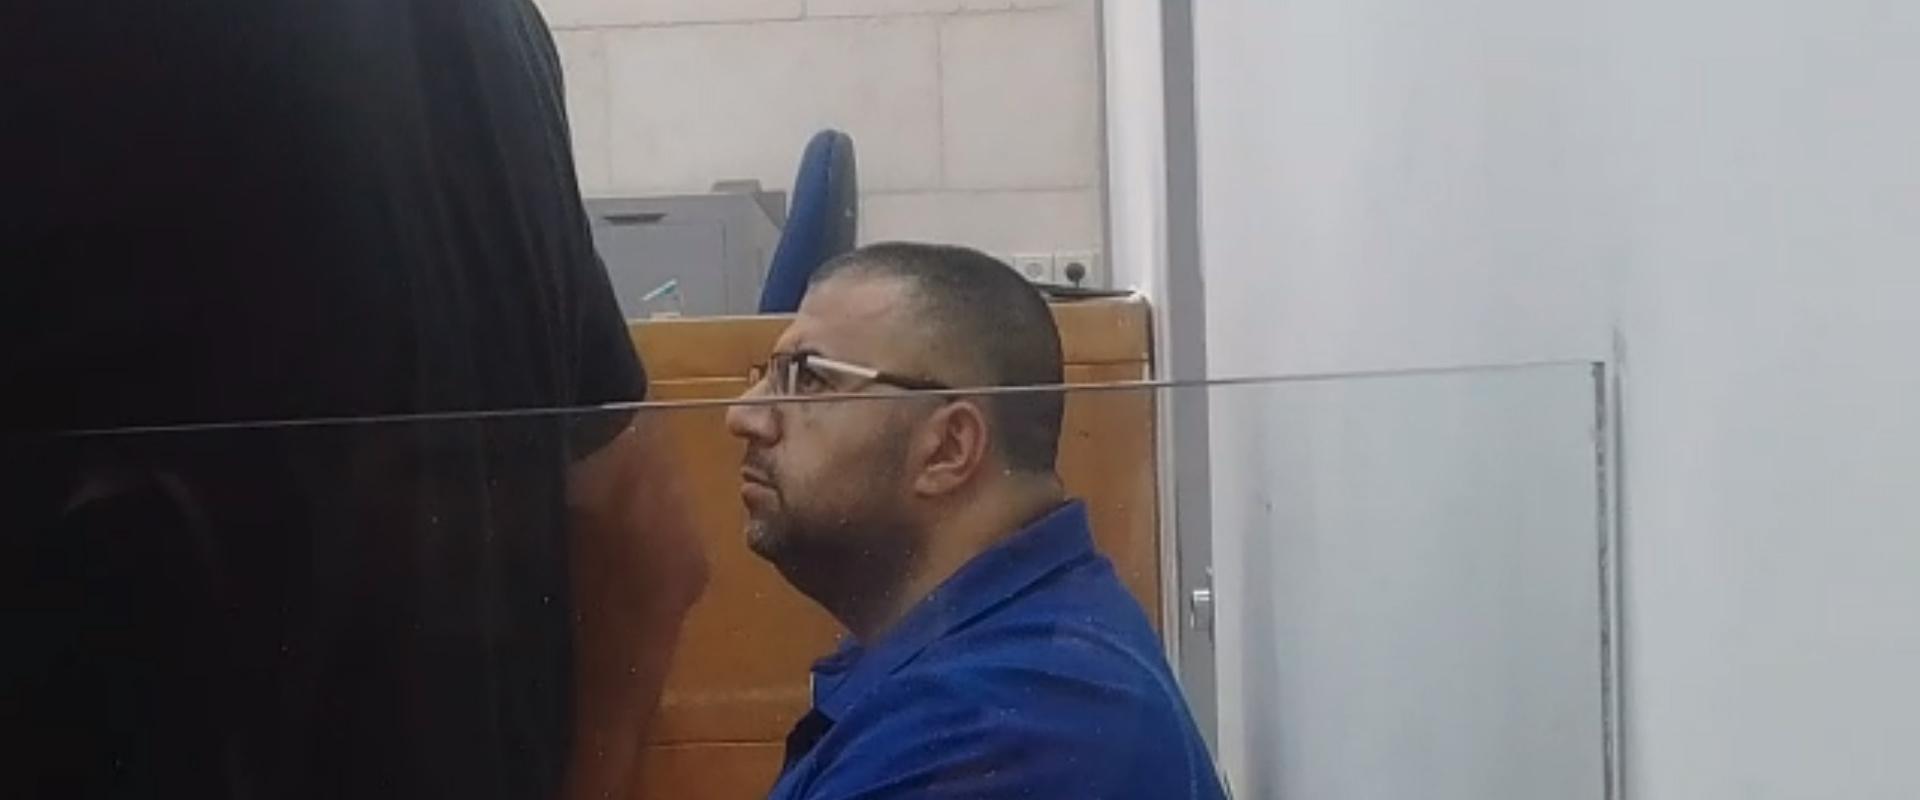 אחמד נקיב בבית המשפט